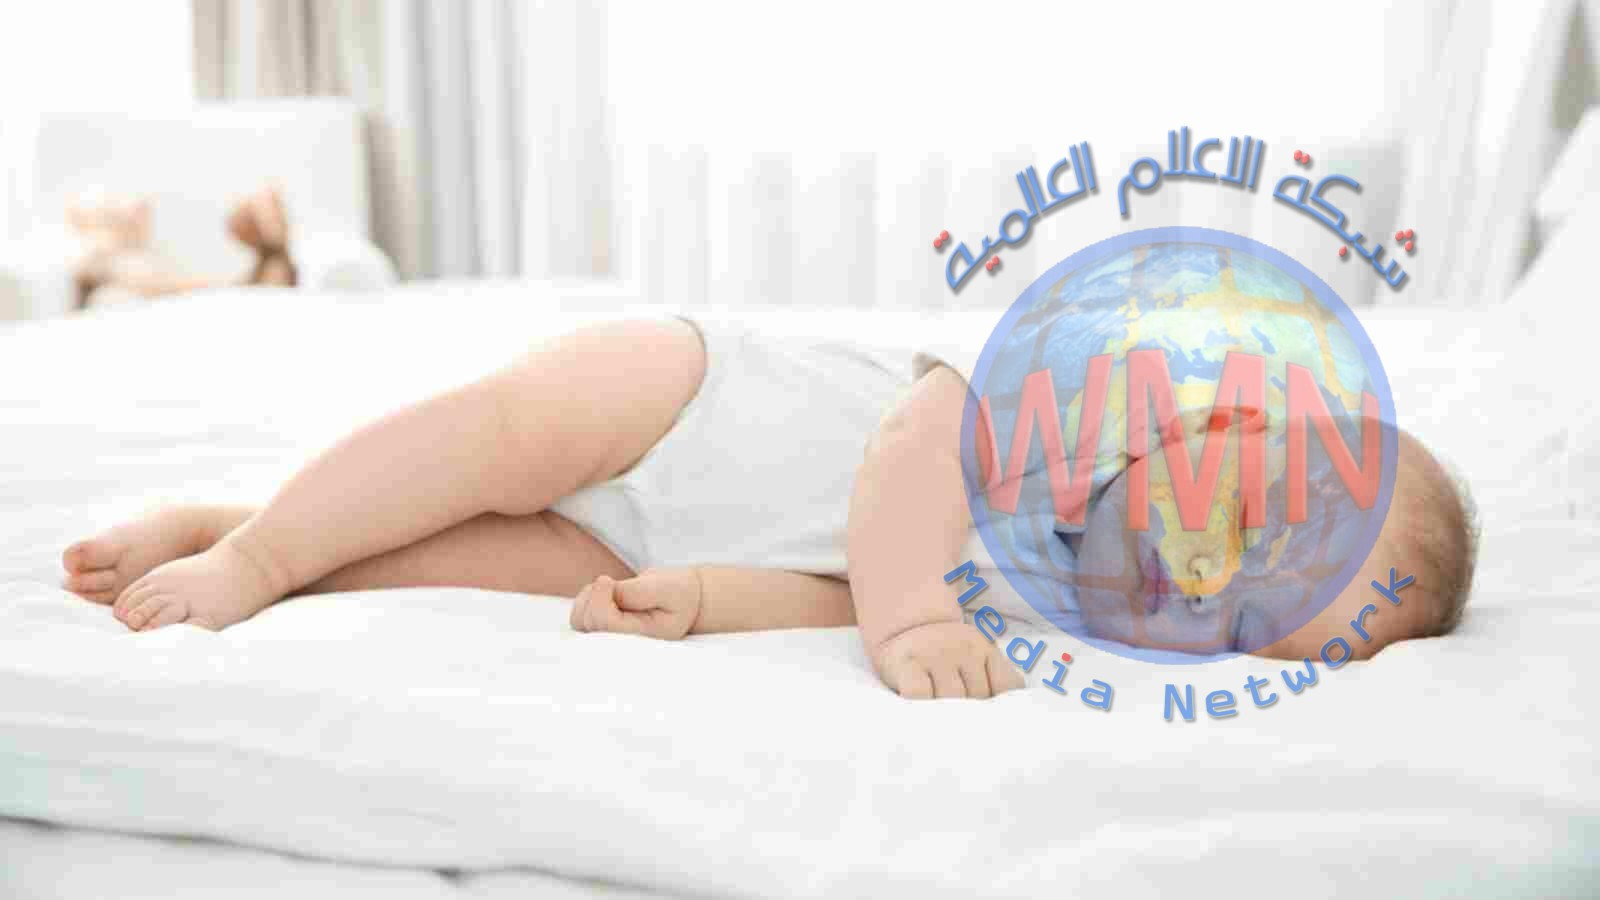 لا تتركي طفلك ينام لوحده في غرفة منفصلة!